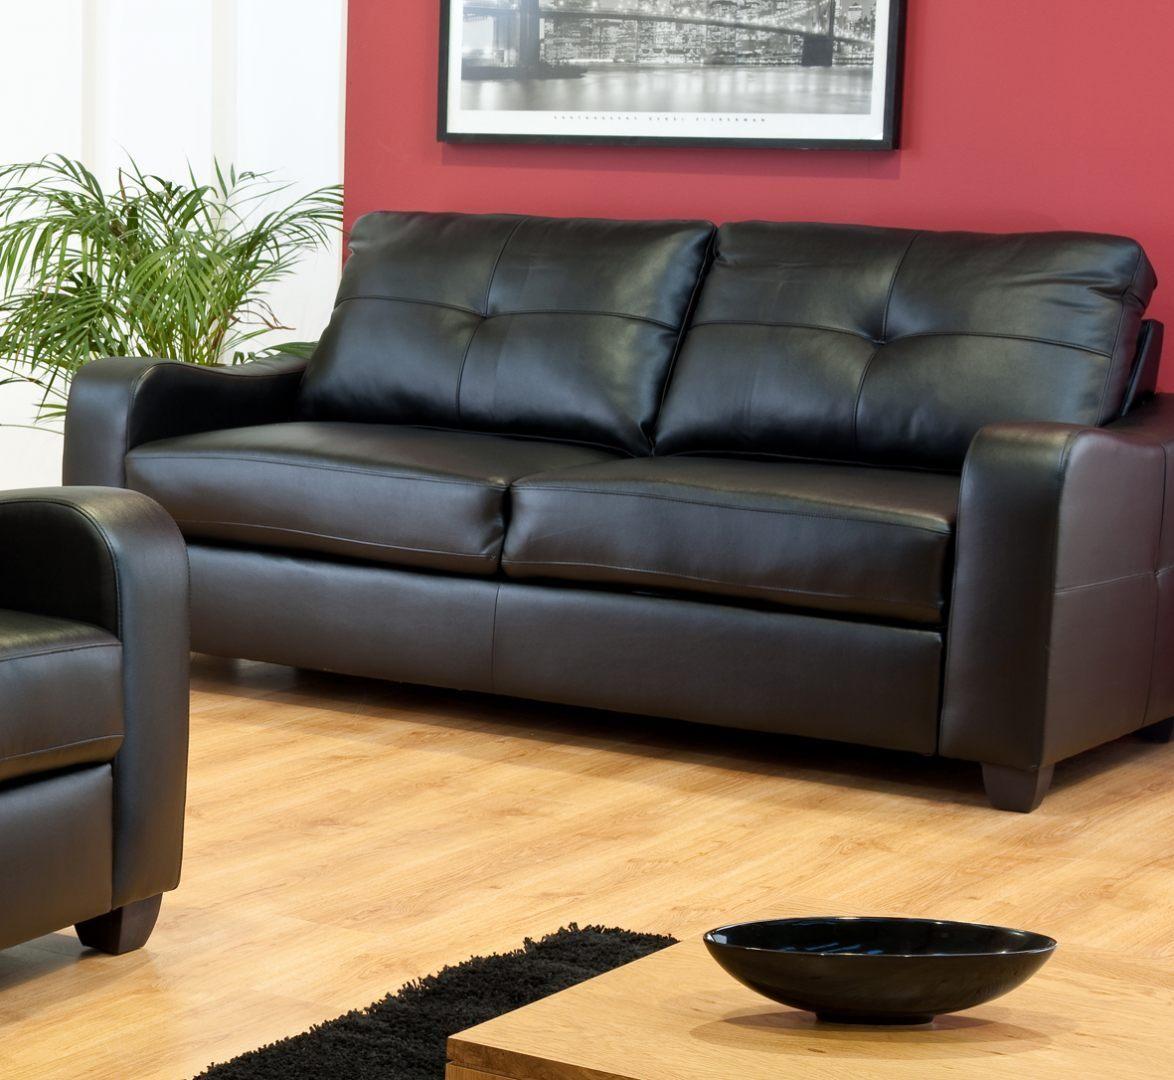 Galeria de fotos e imagens dicas para escolher um sof for Sofas para salon